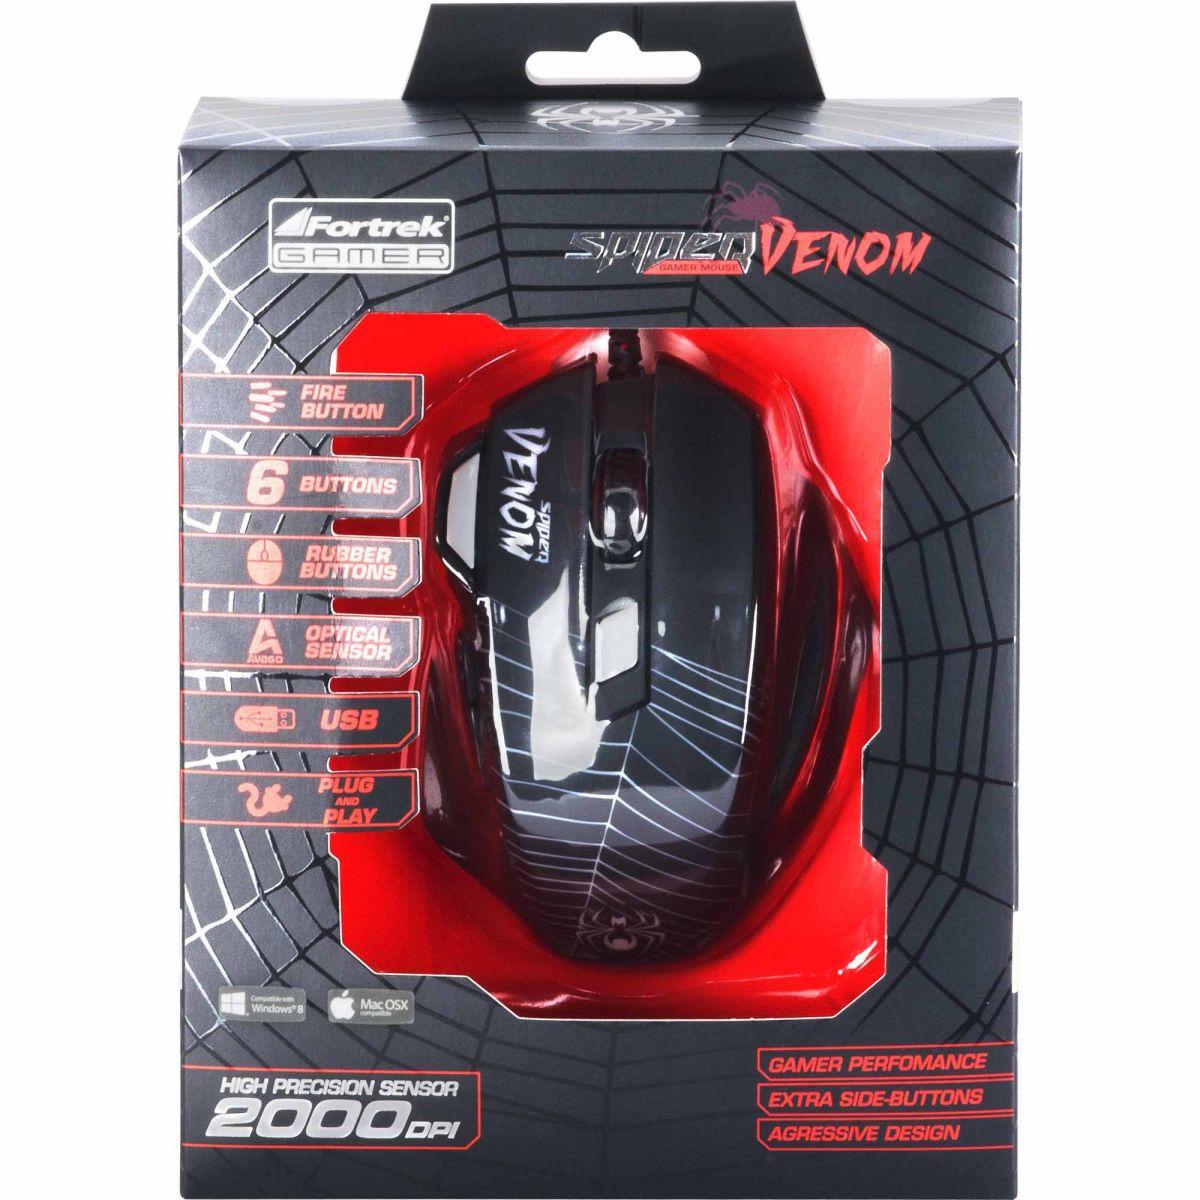 Mouse Gamer SPIDER VENOM OM-704 Preto/Vermelho